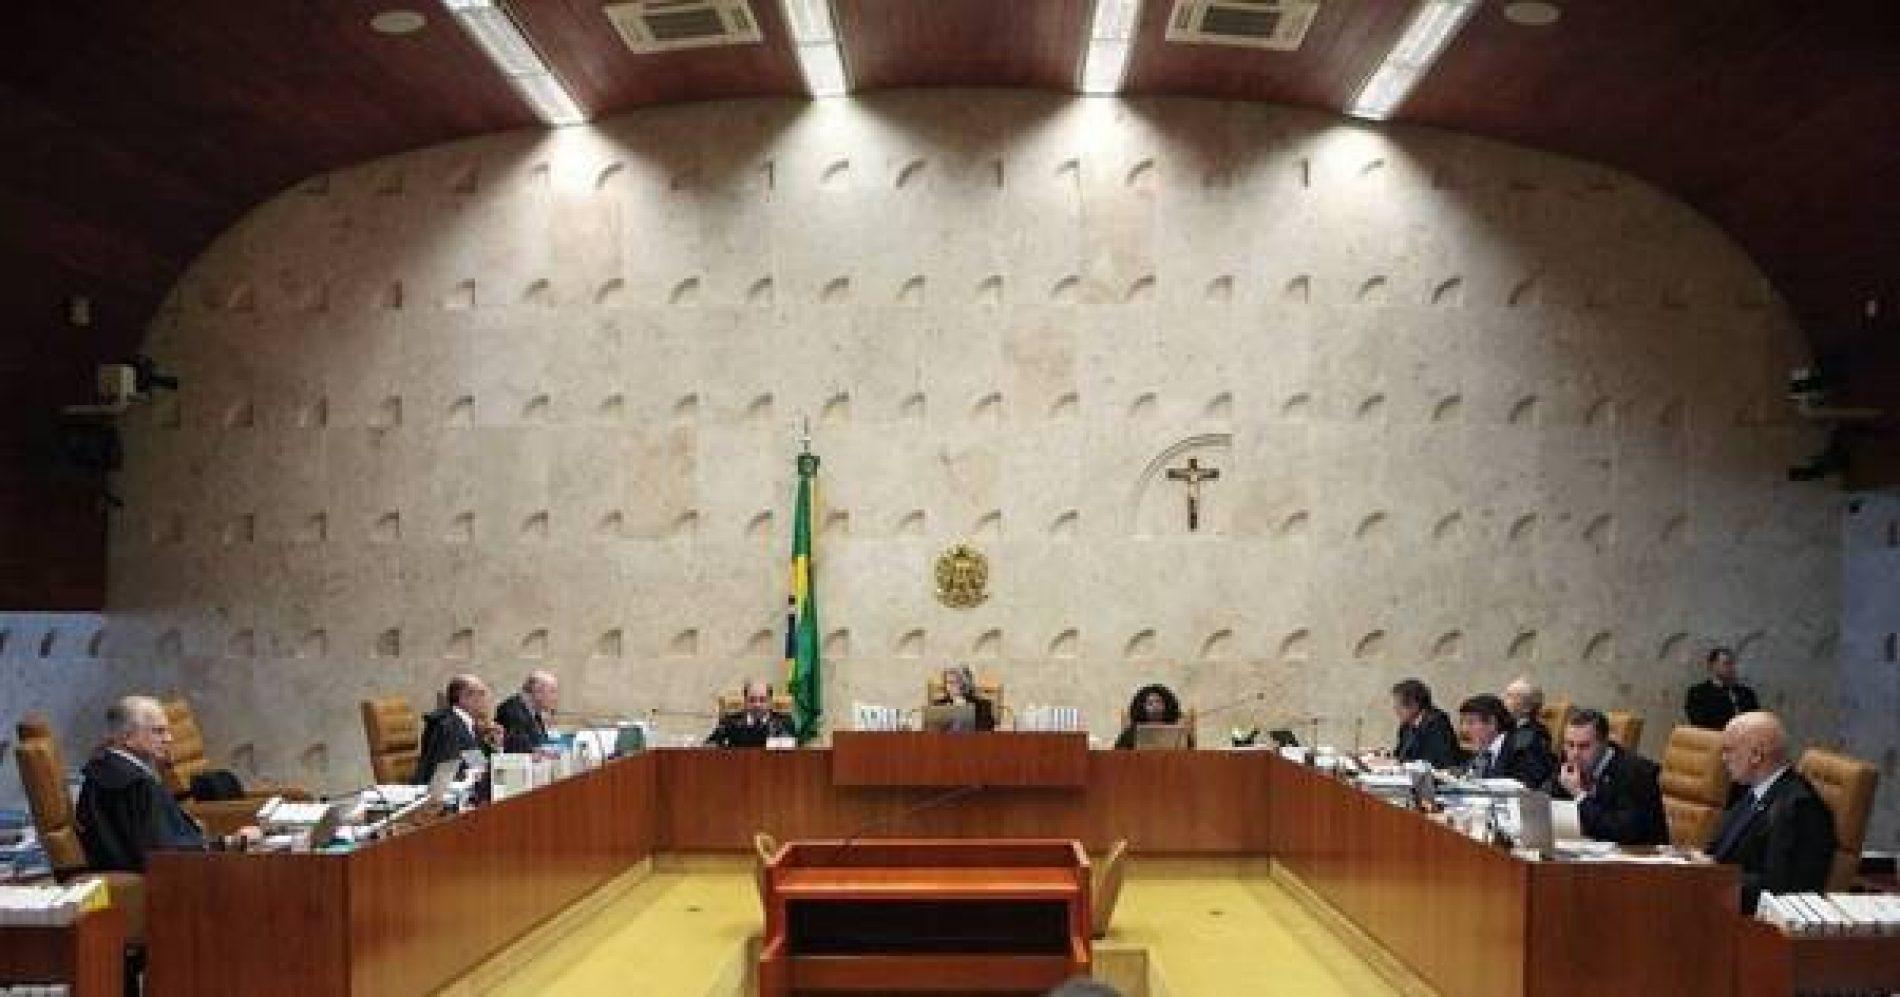 STF inicia julgamento sobre cotas raciais no serviço público